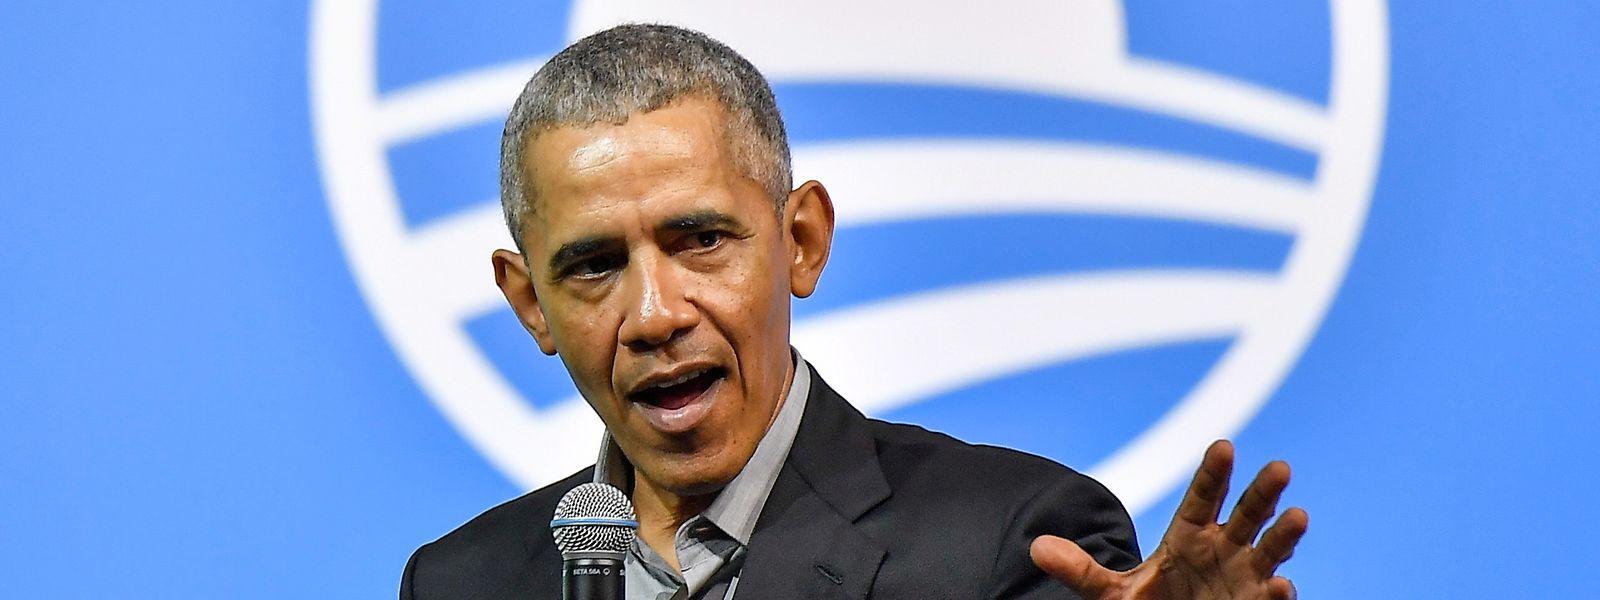 Mit vielen Star-Gästen und einer Ansprache des früheren US-Präsidenten Barack Obama haben Highschool-Schüler in den USA virtuell ihren Schulabschluss gefeiert.